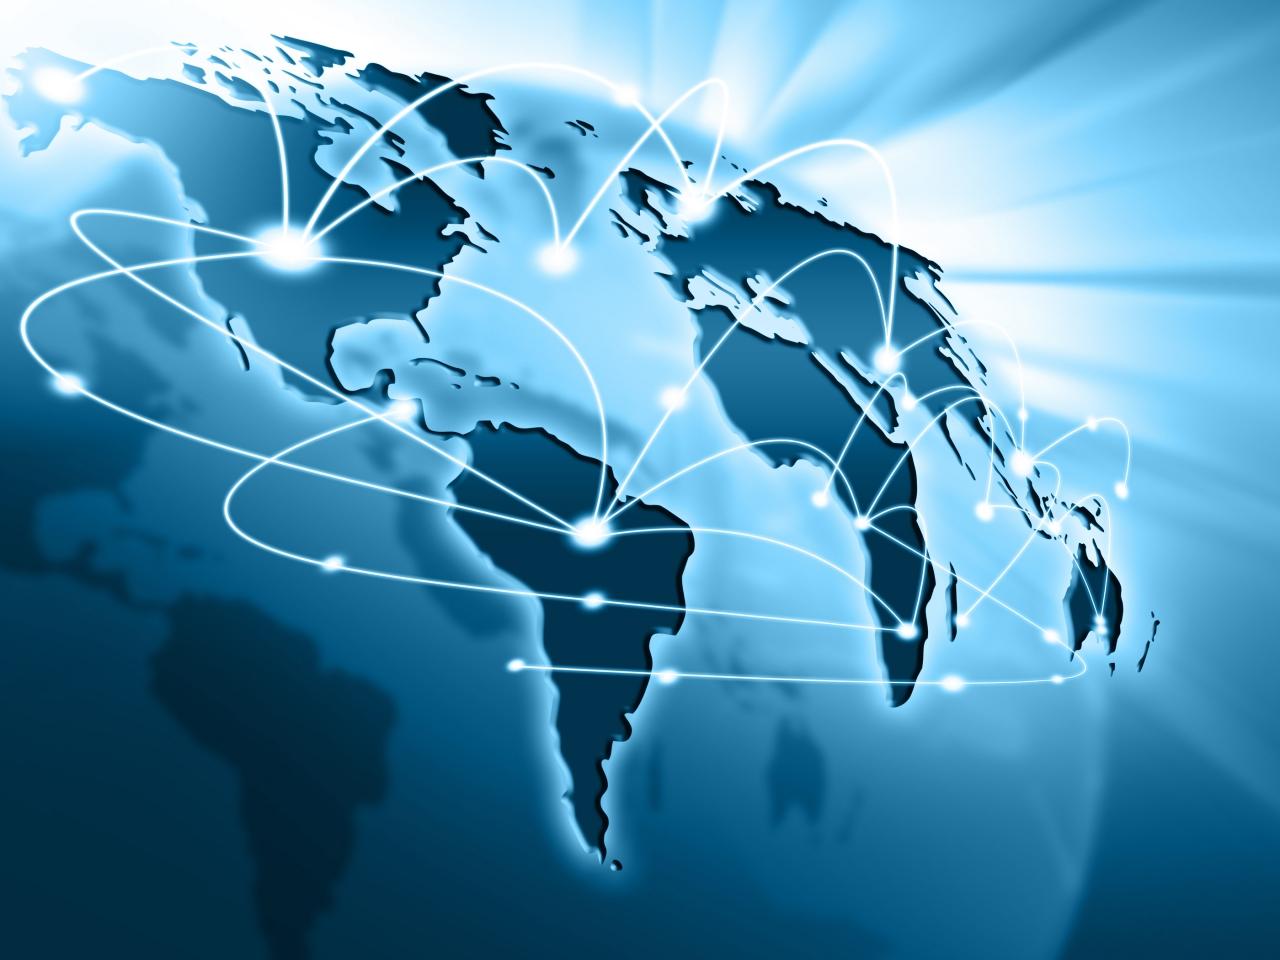 фон сеть интернет